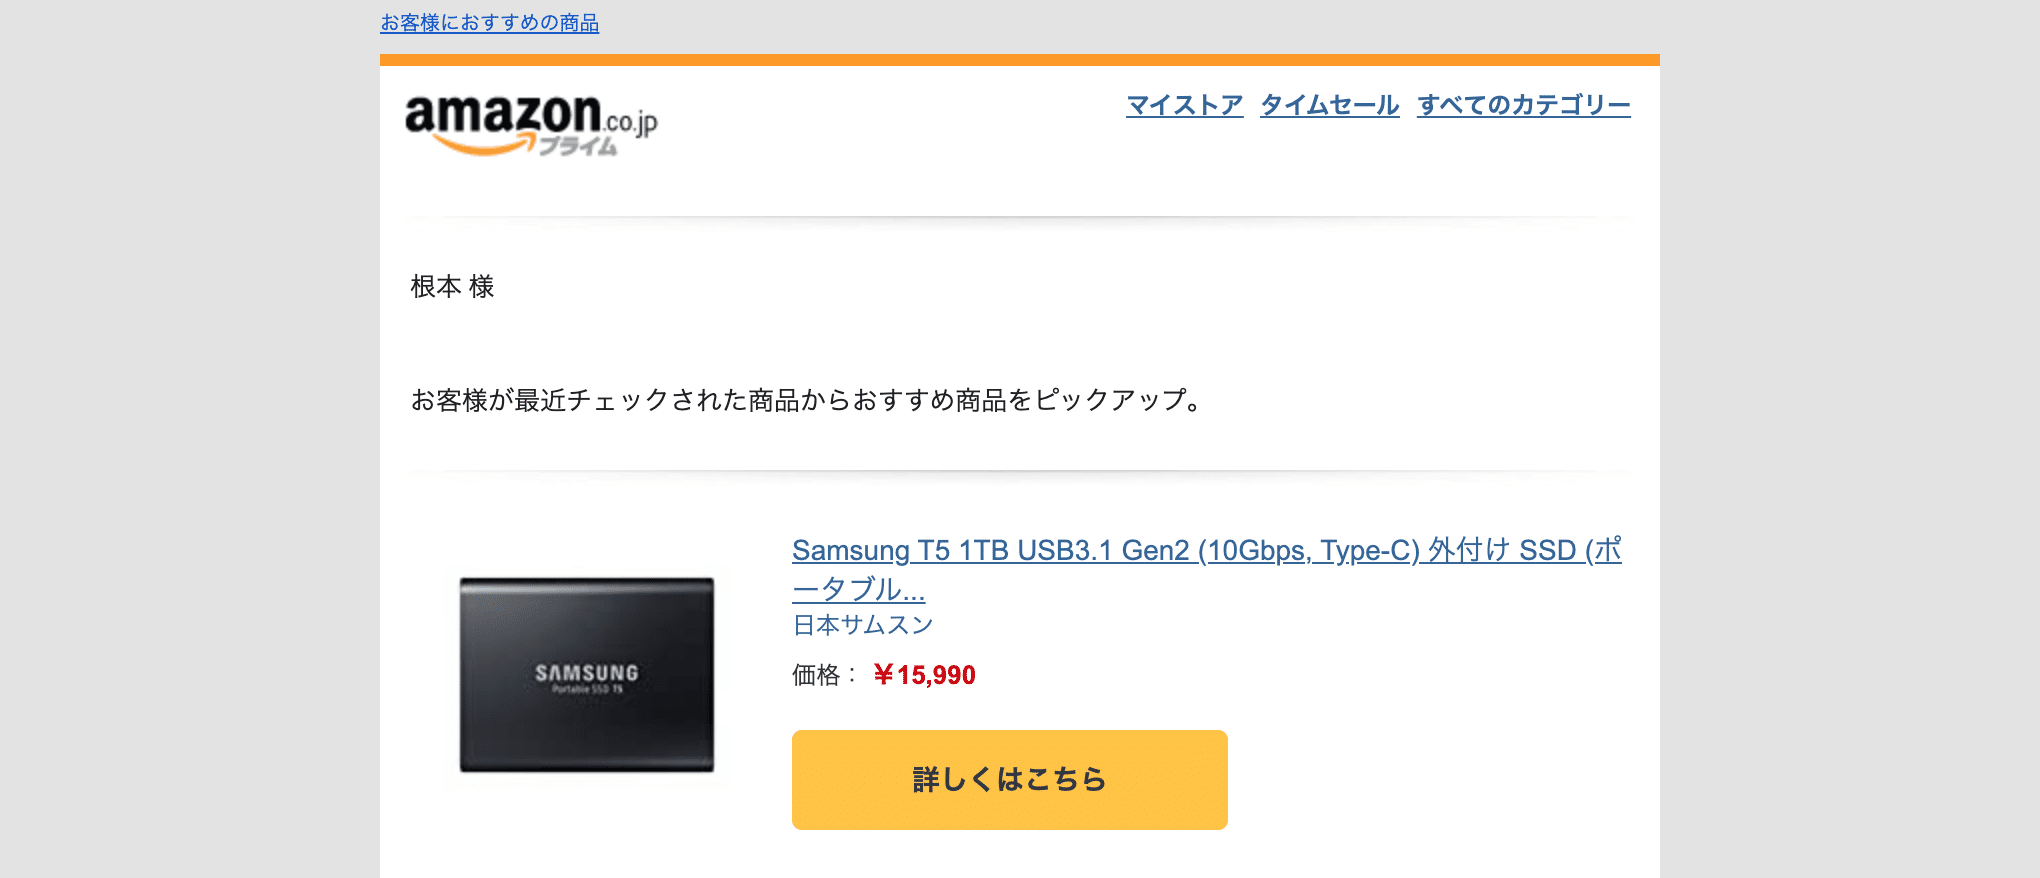 amazon関連商品のお知らせメール